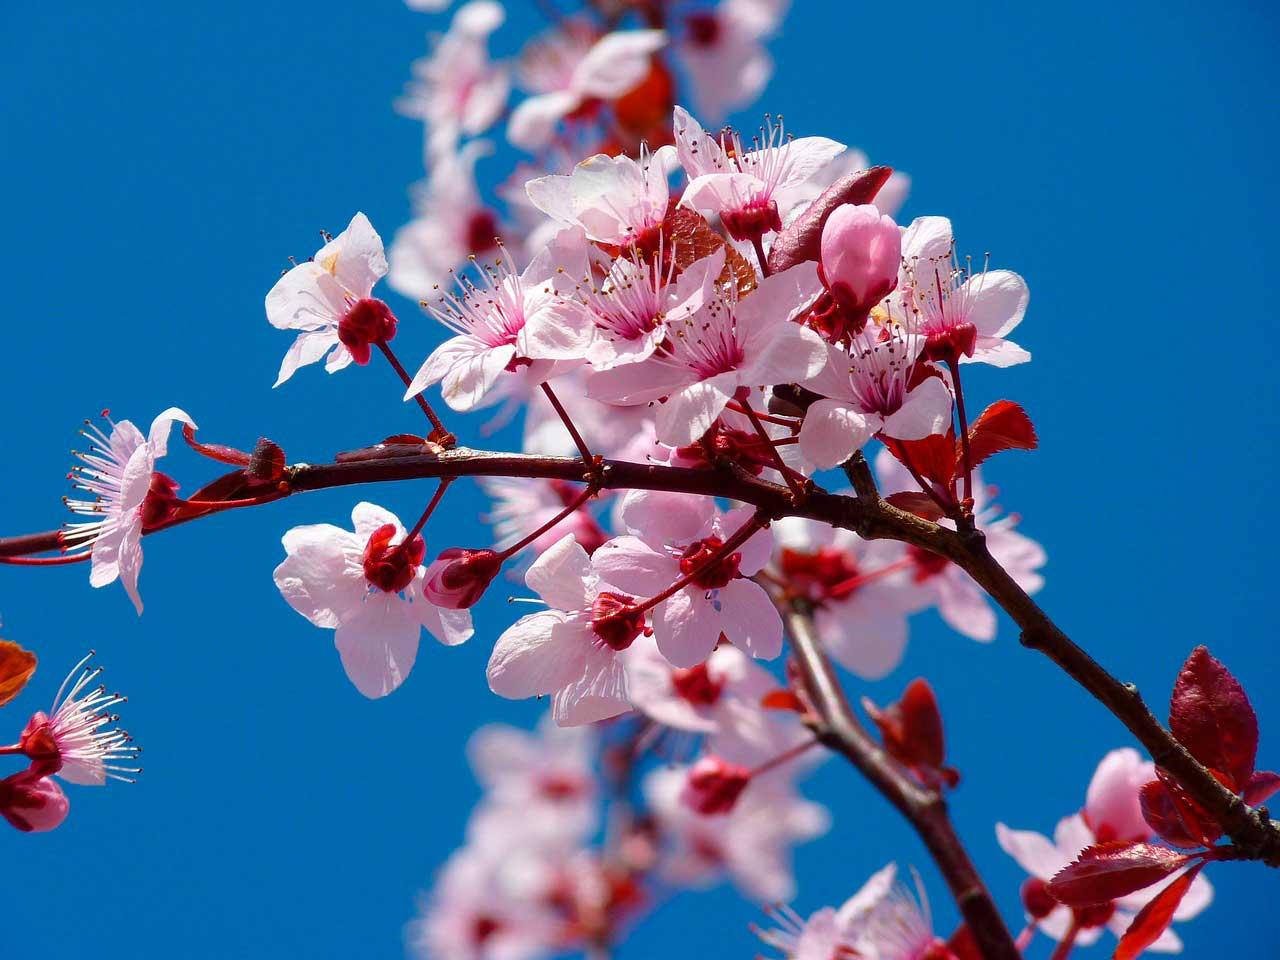 flores da primavera no exterior